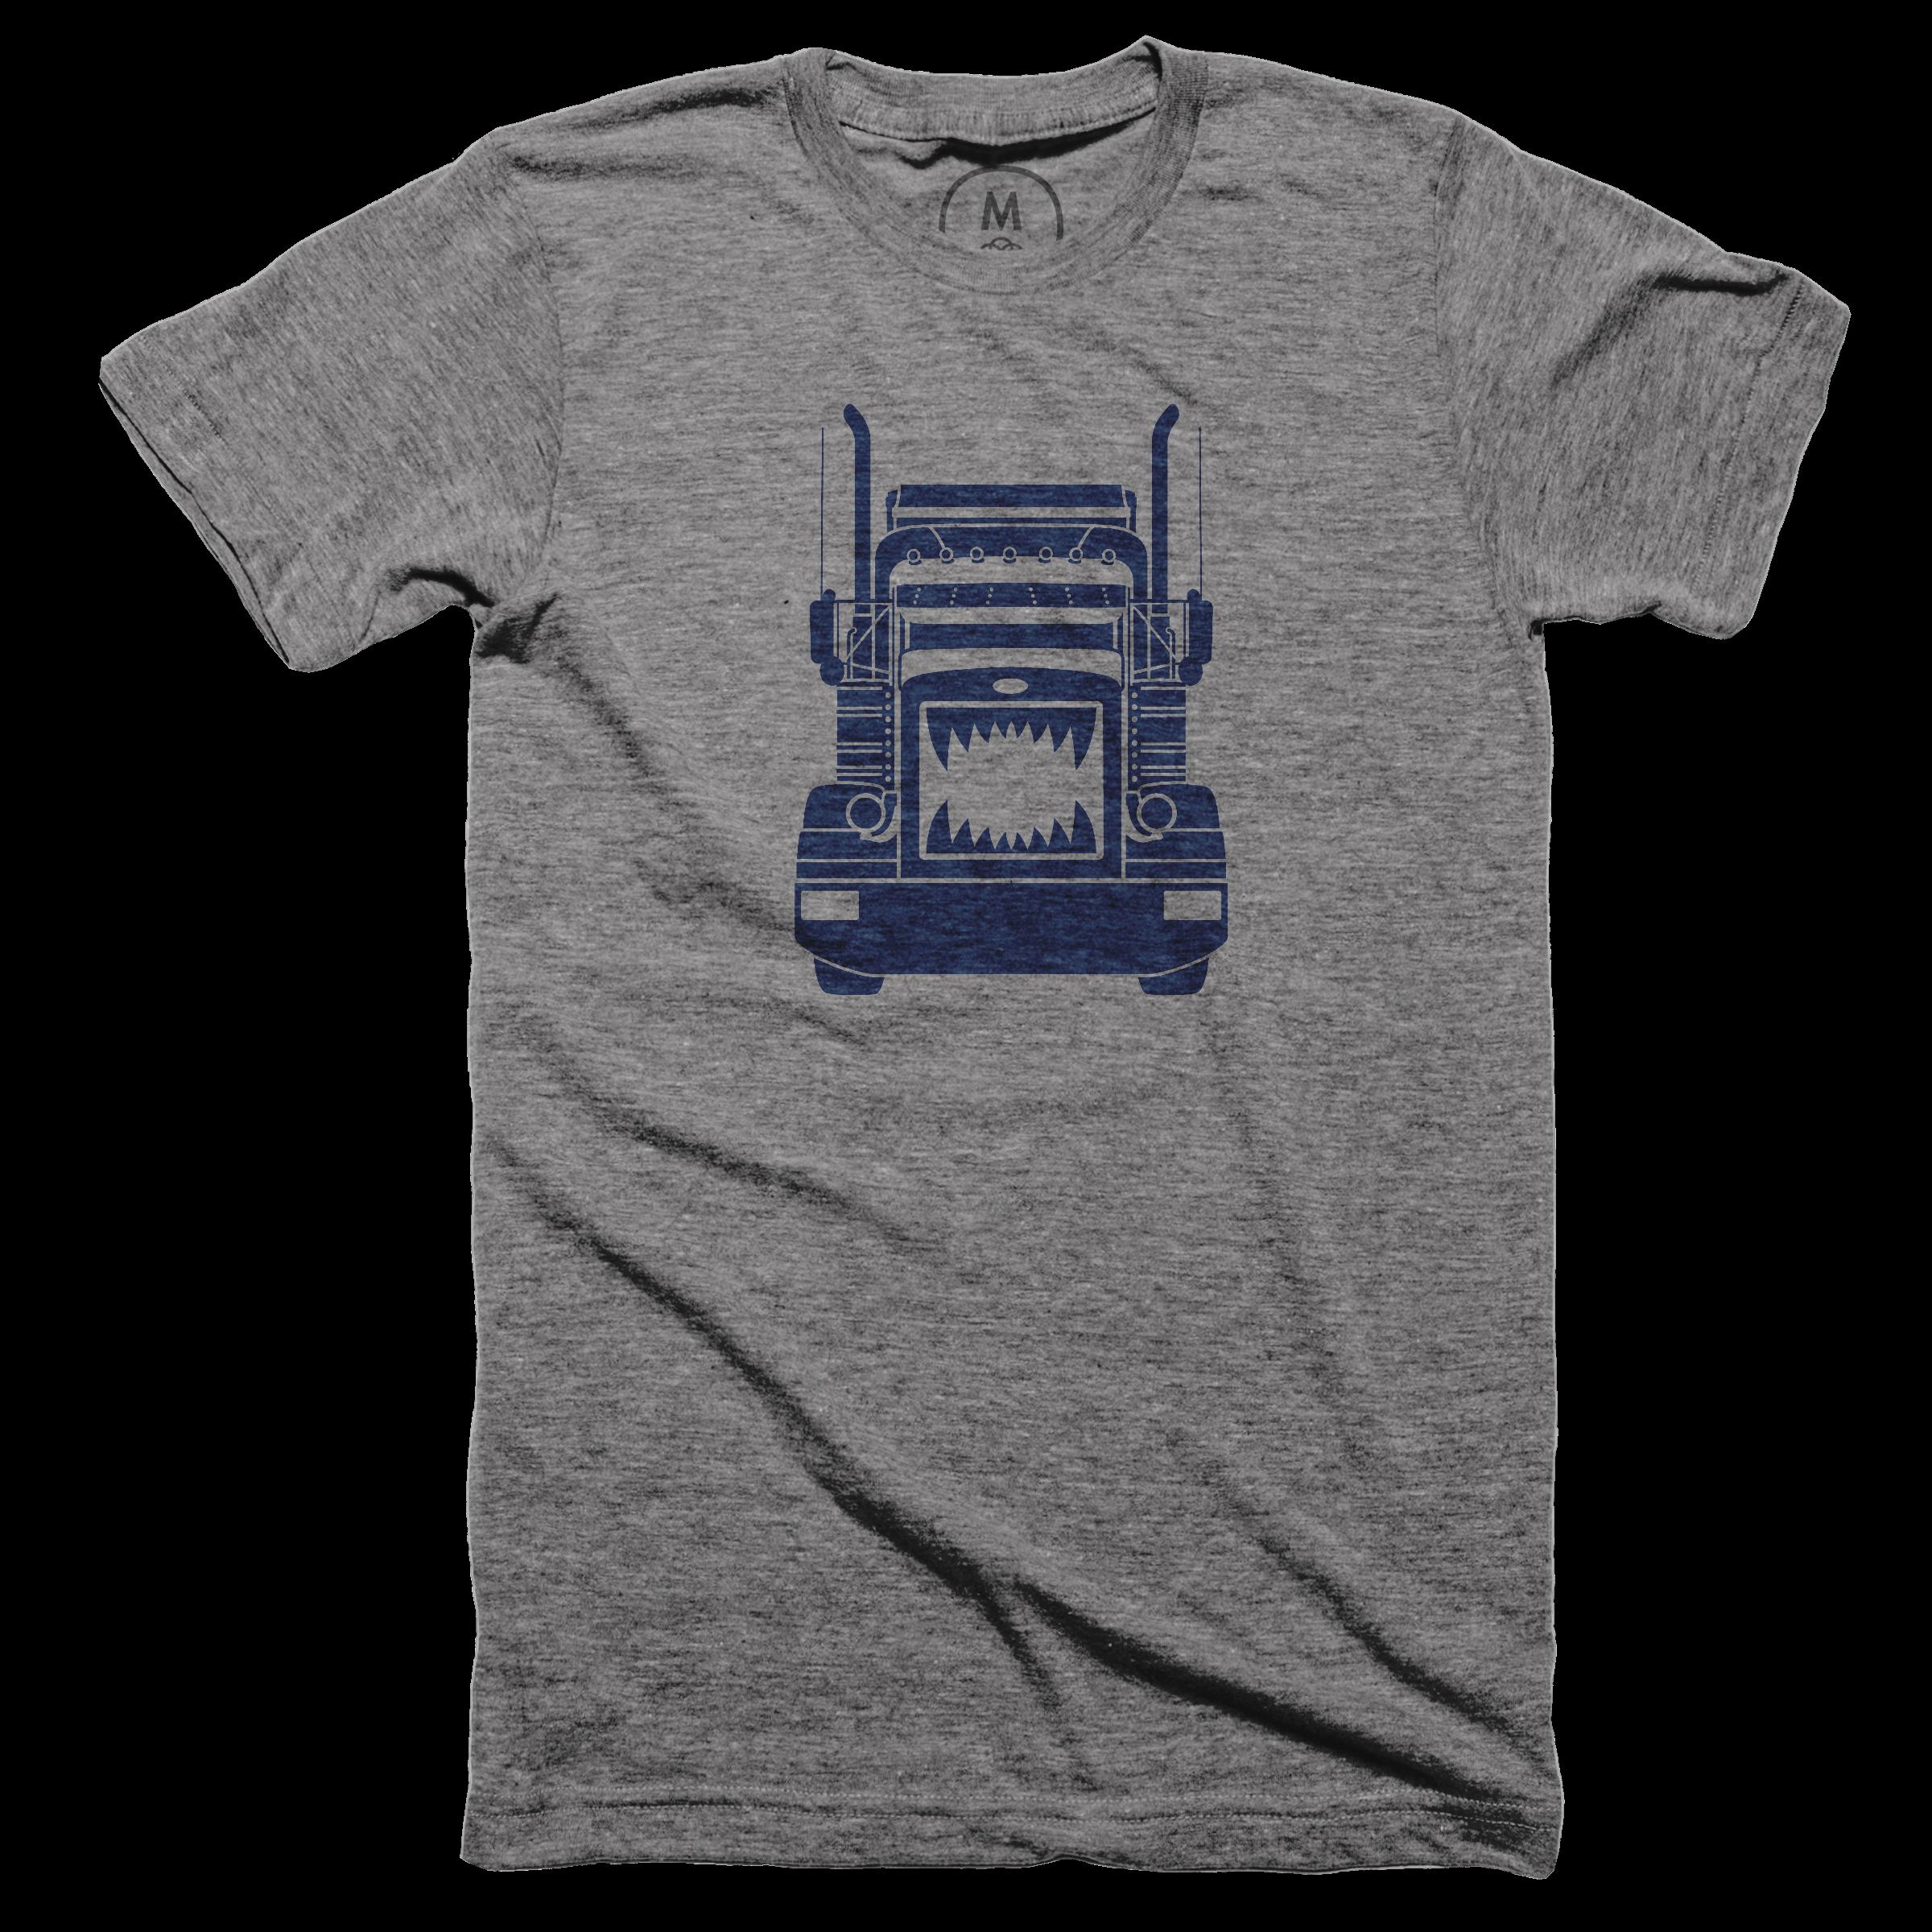 Trucker Teeth